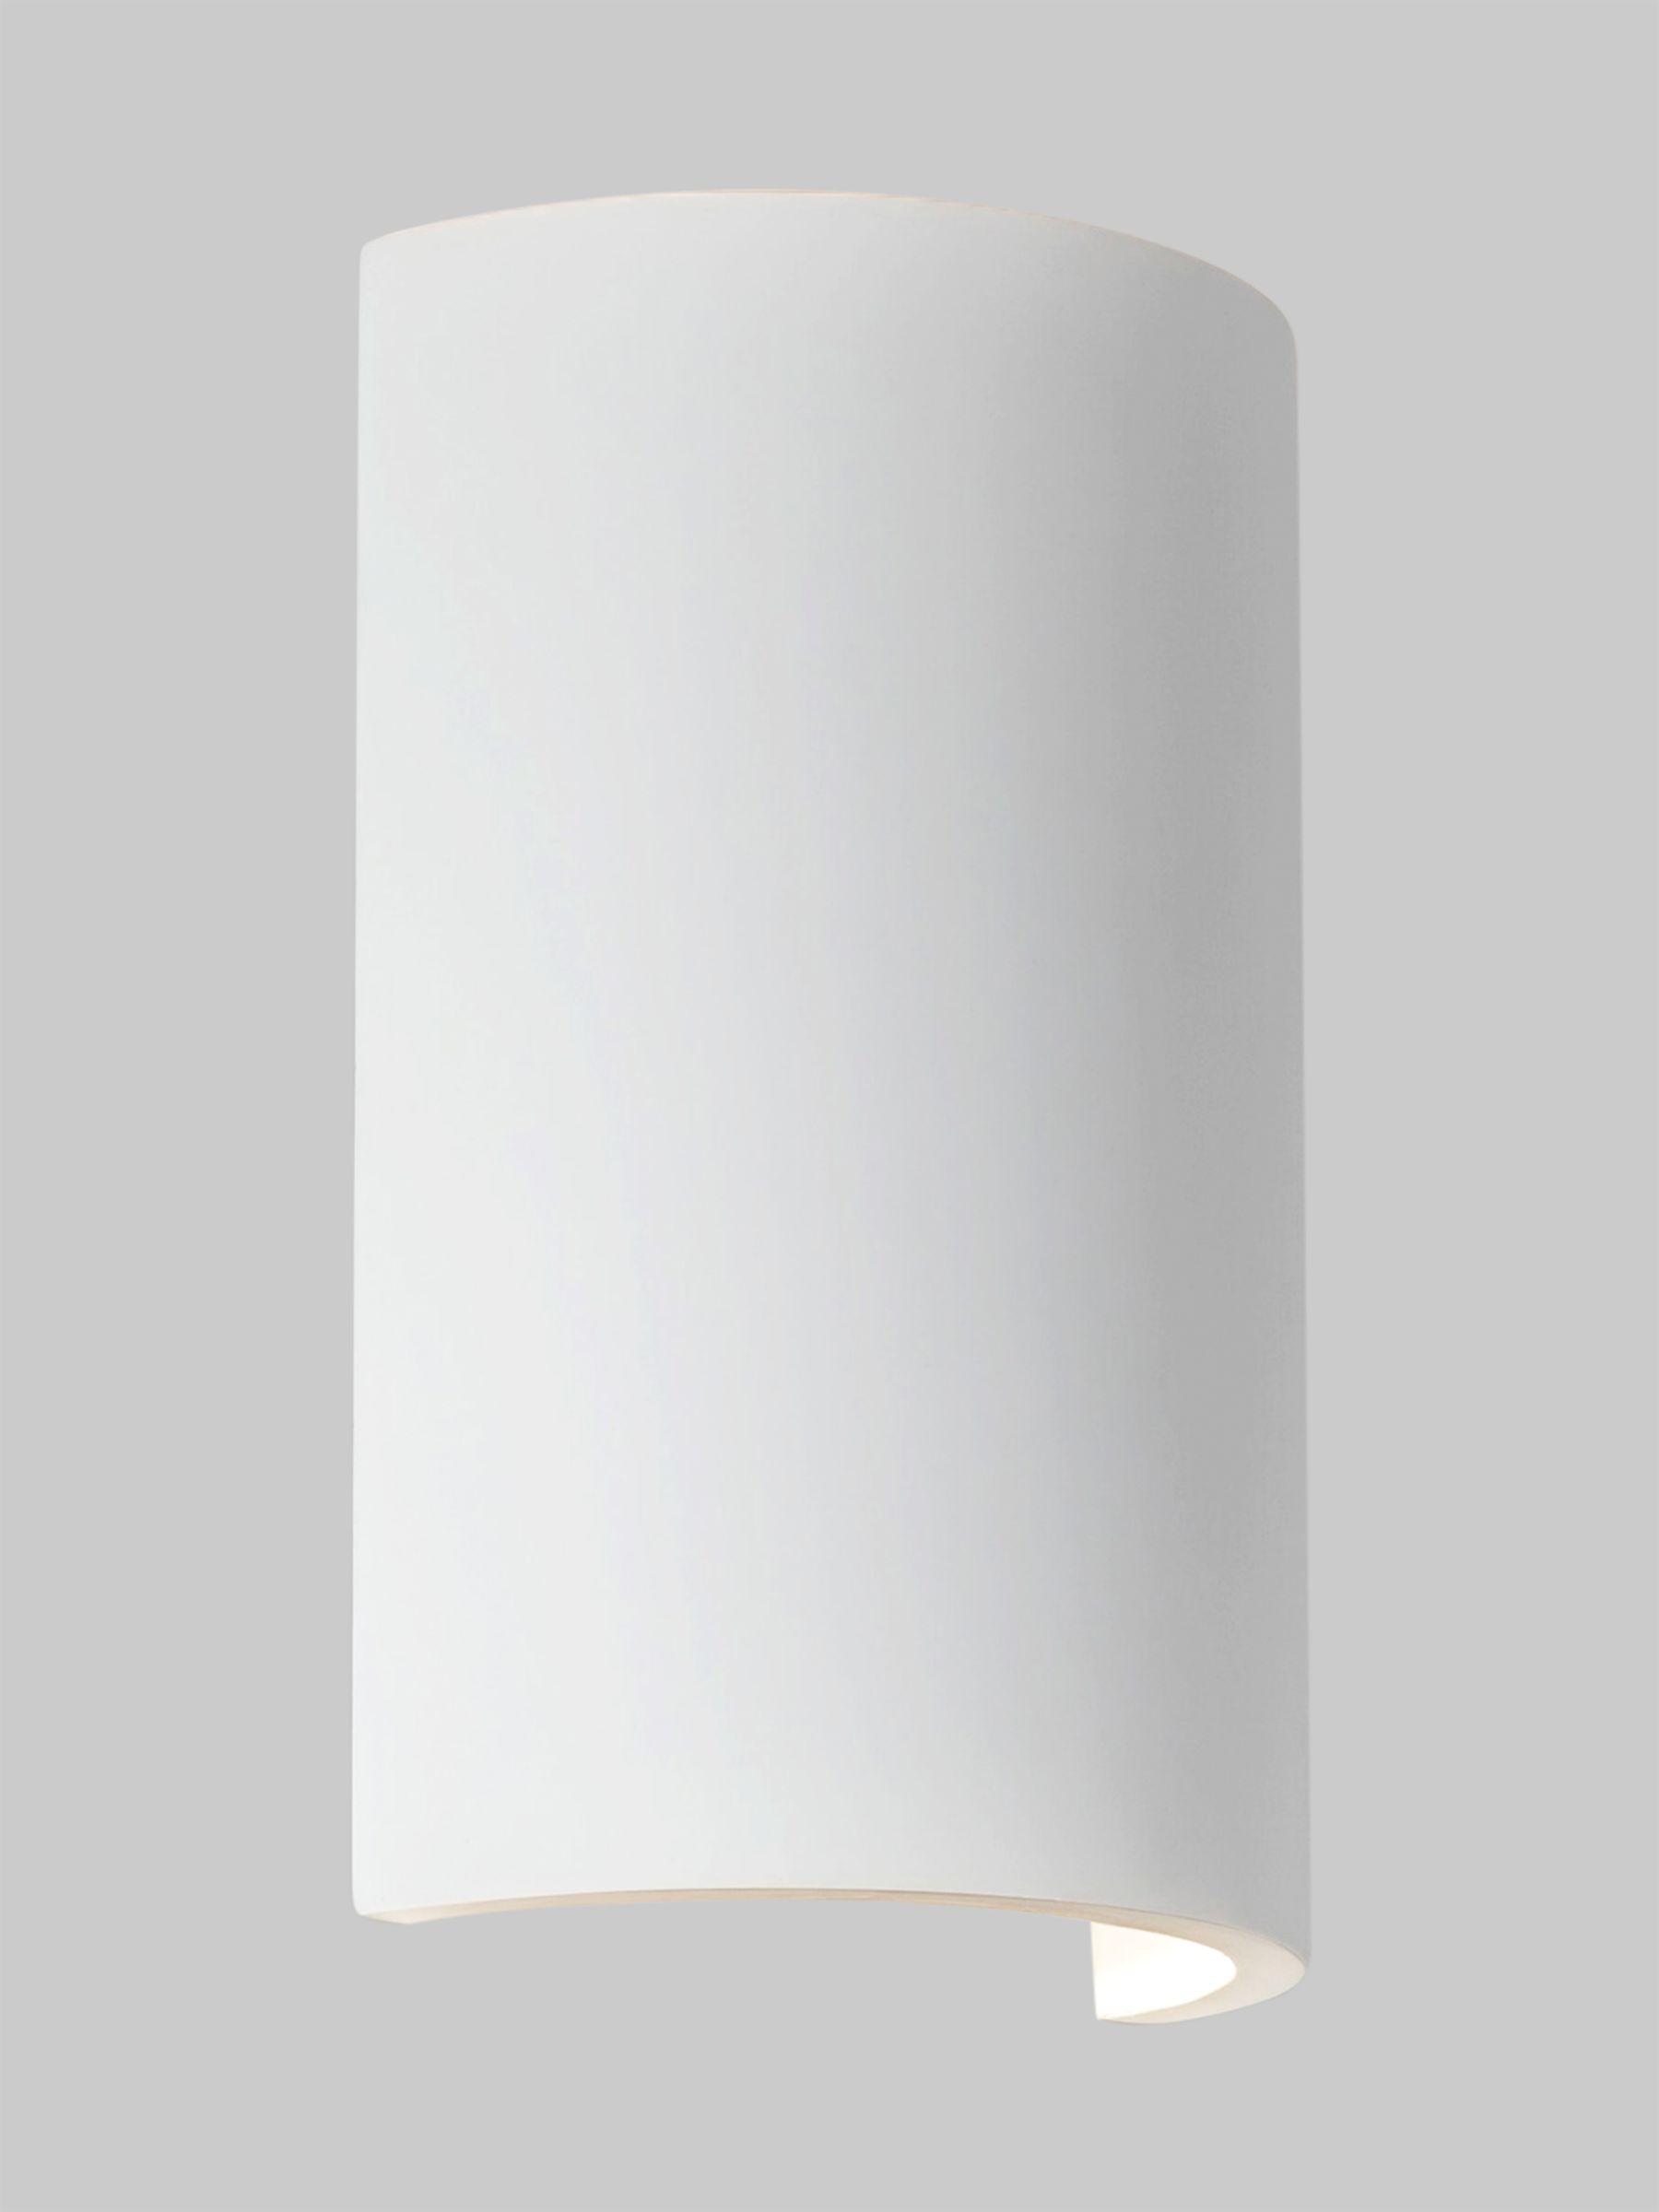 ASTRO Astro Serifos LED Wall Light, White